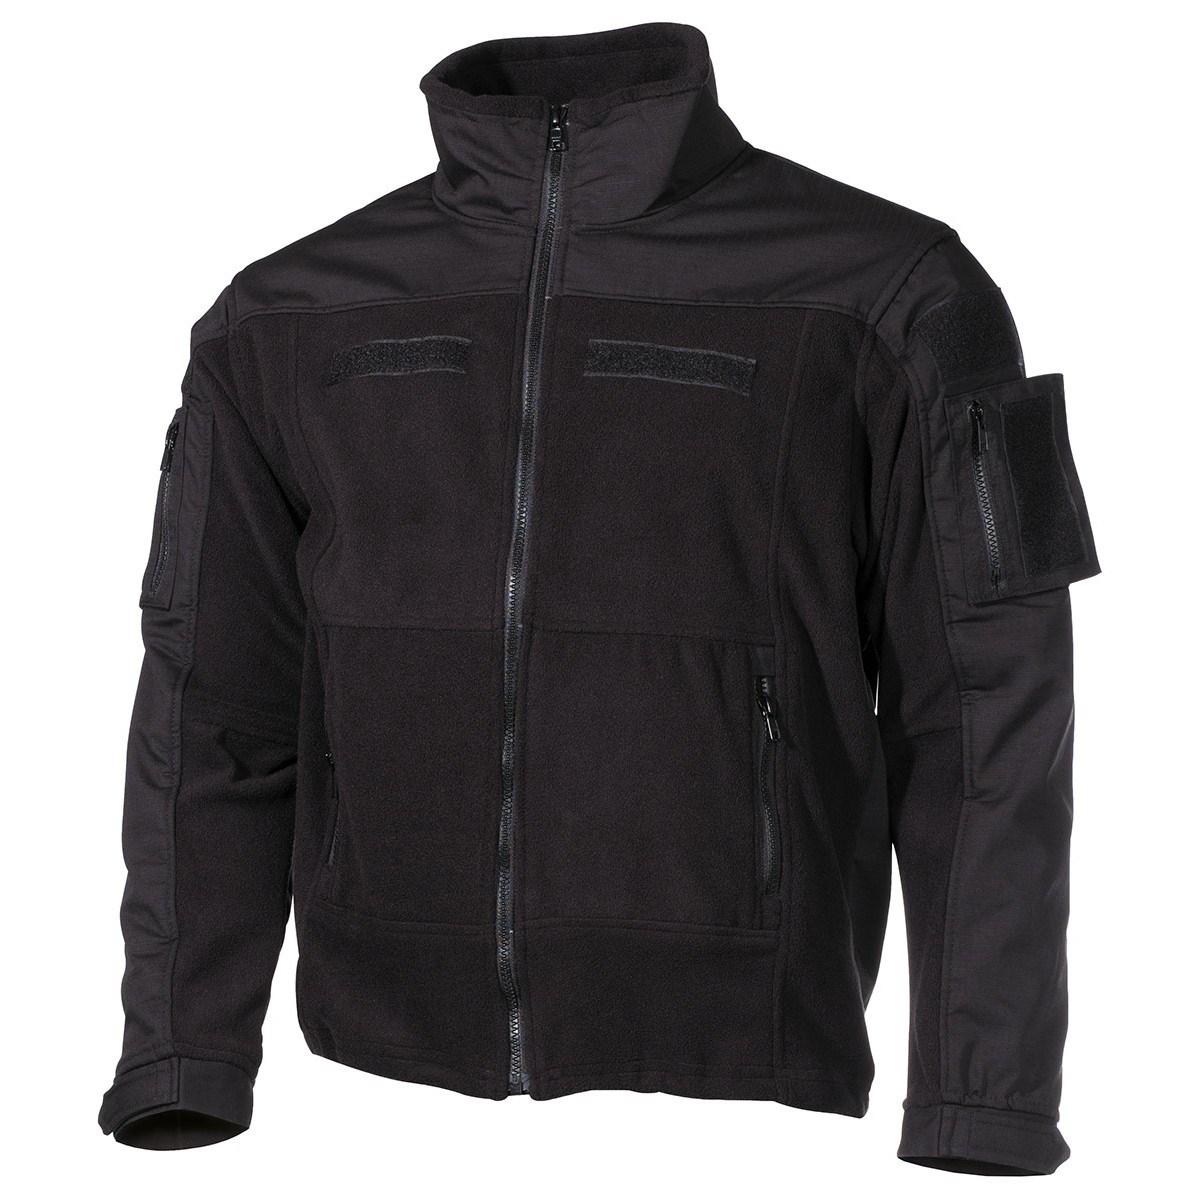 Tactical fleece jacket COMBAT BLACK MFH Defence 03811A L-11